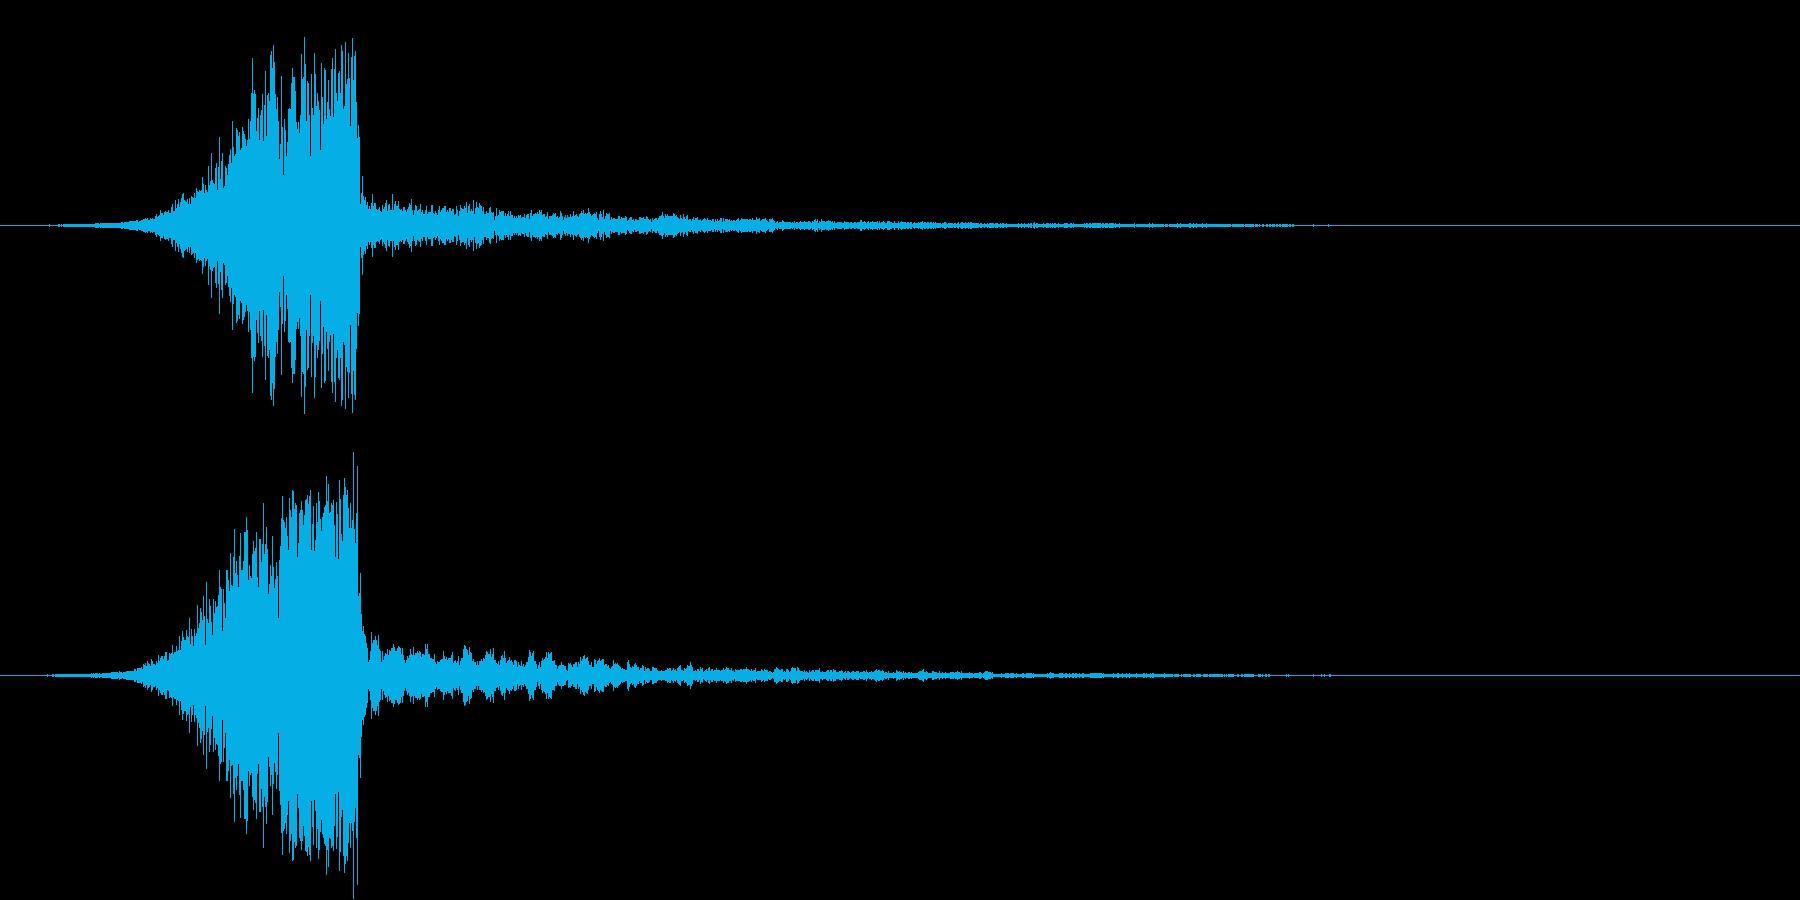 【シネマティック】Whoosh_12の再生済みの波形